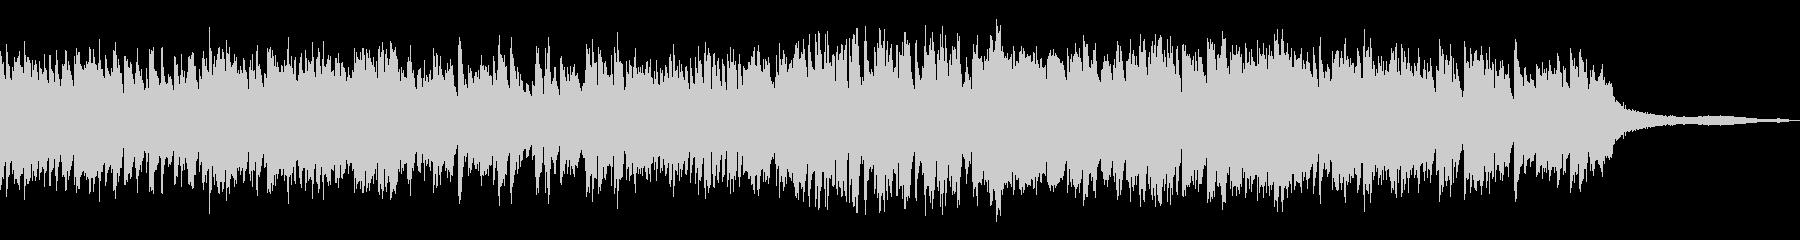 低音重視/重厚で力強い和風曲18-ピアノの未再生の波形